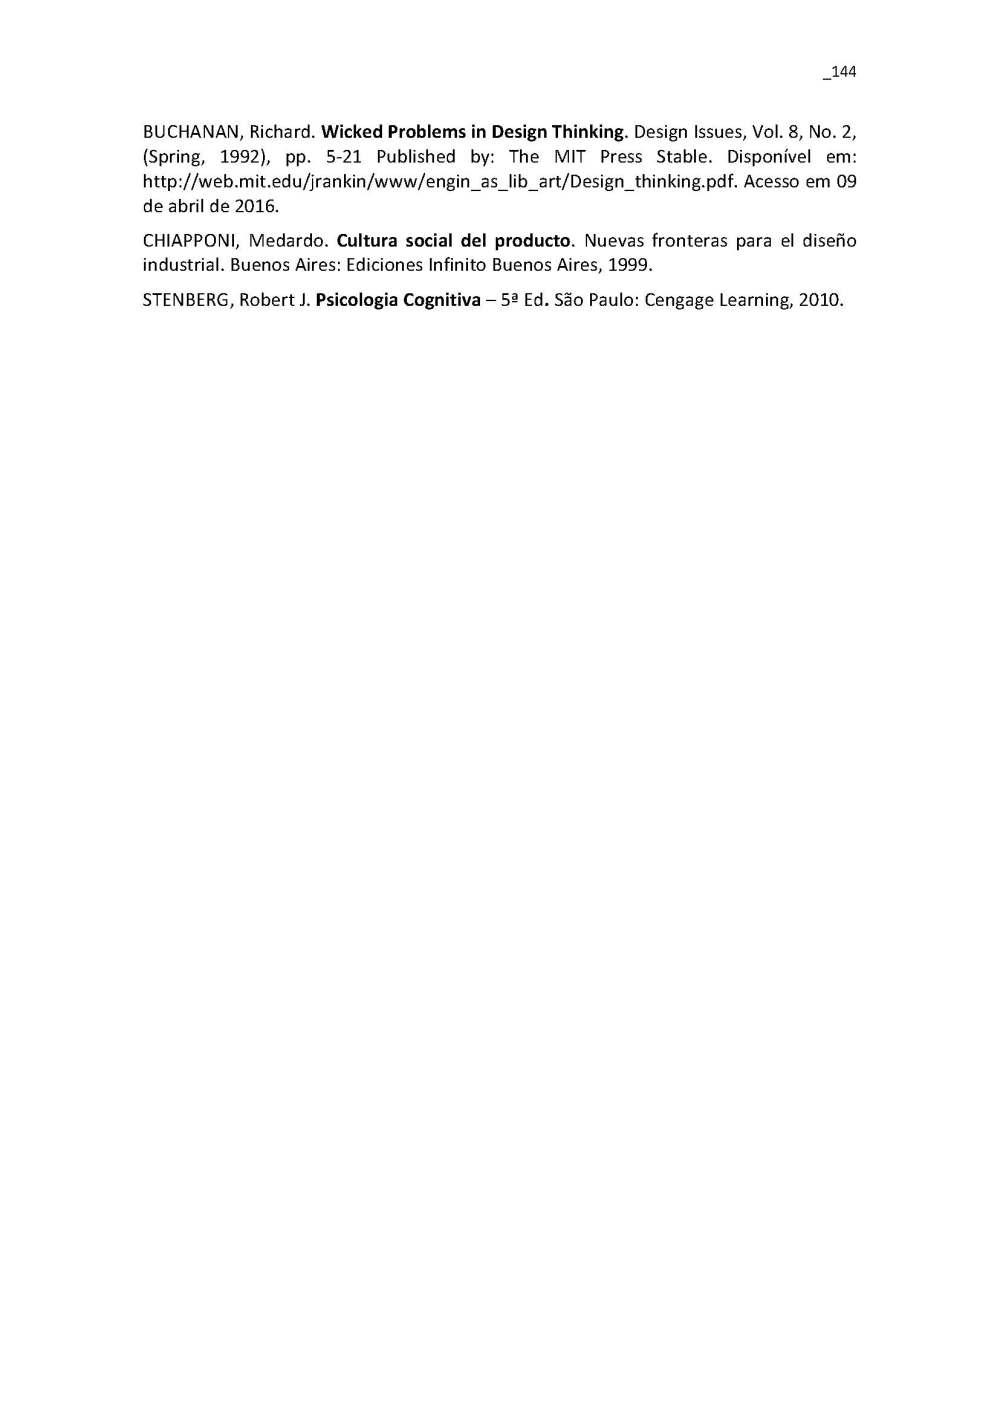 ARTIGO PUBLICADO P&D 2016_Página_10